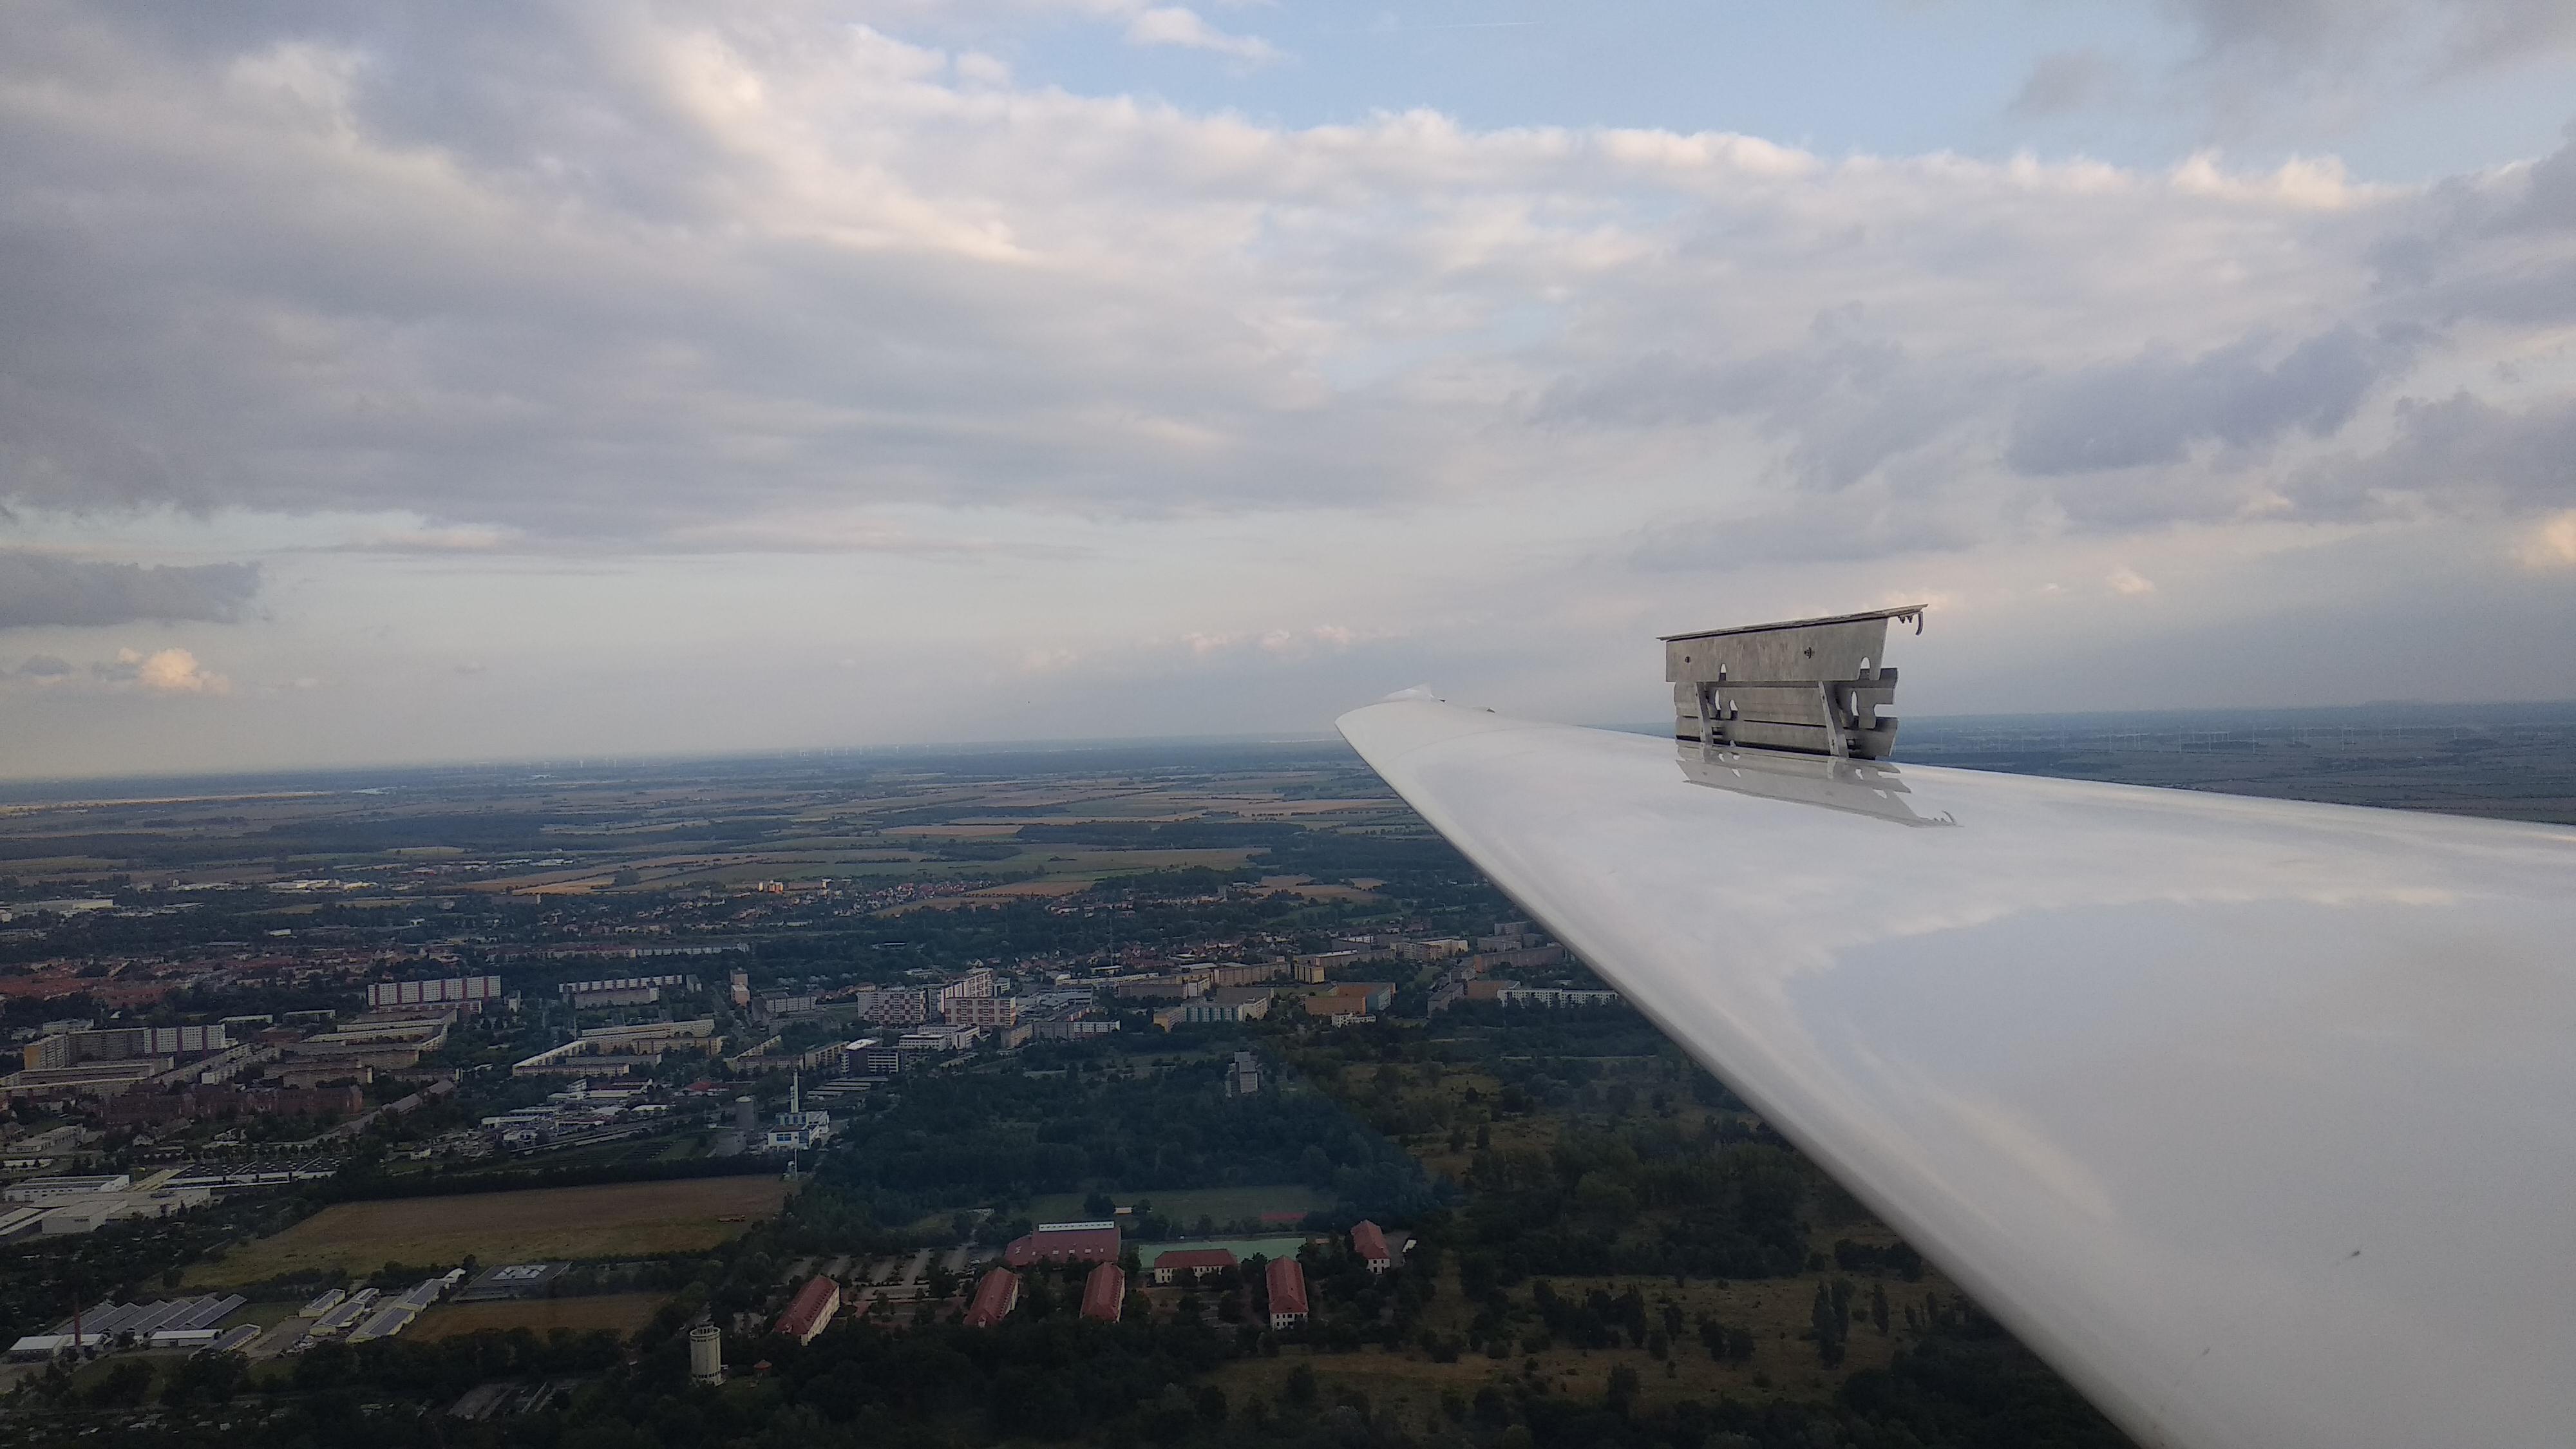 Die ausgefahrenen Bremsklappen im Flug